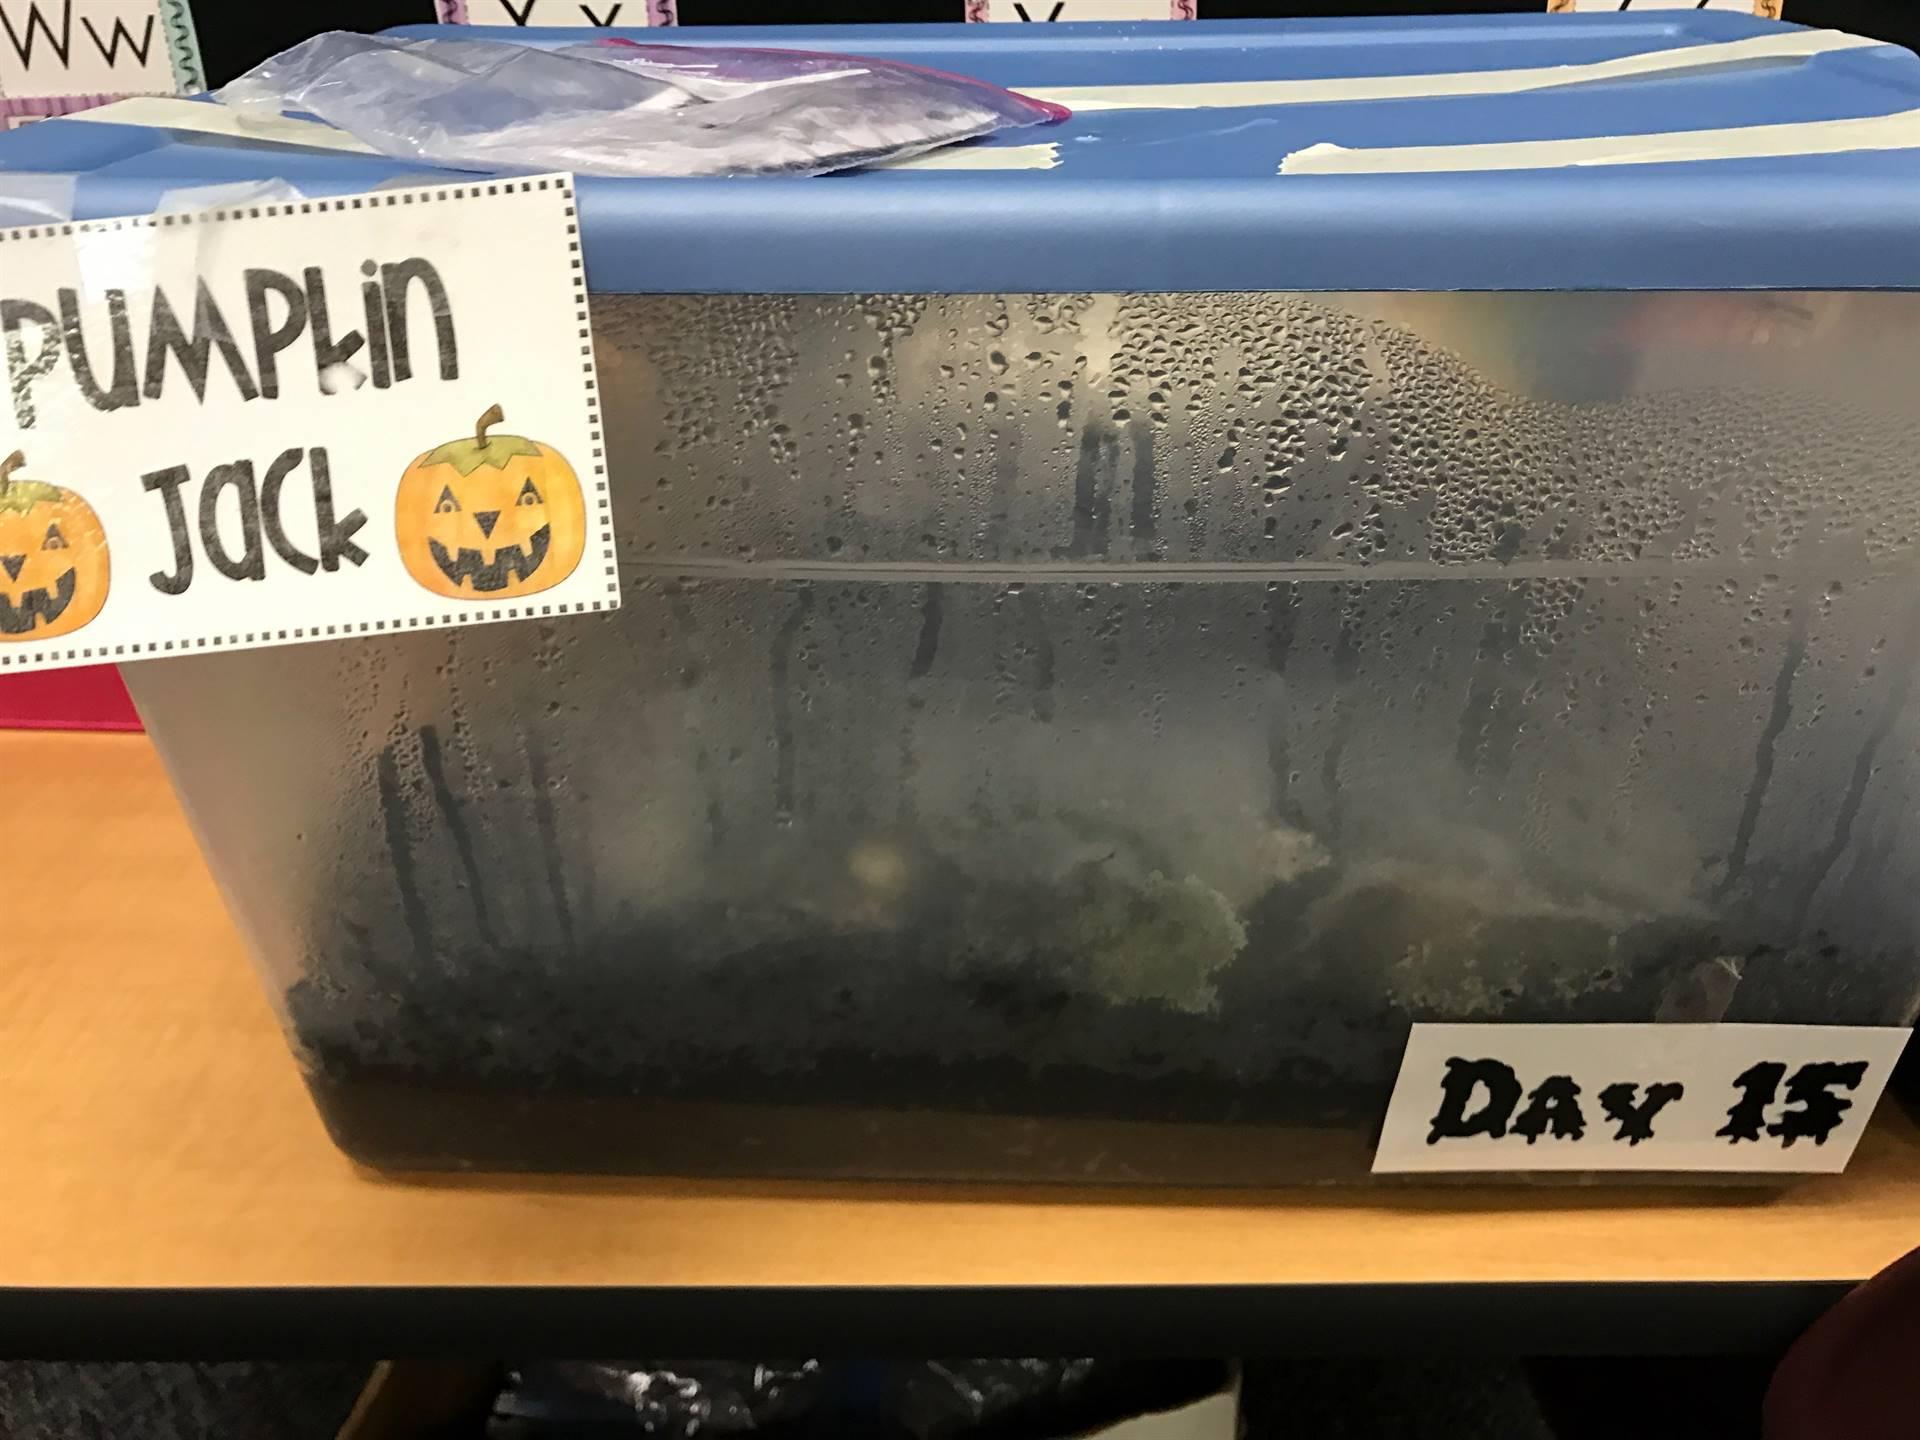 Day 15 Pumpkin Jack